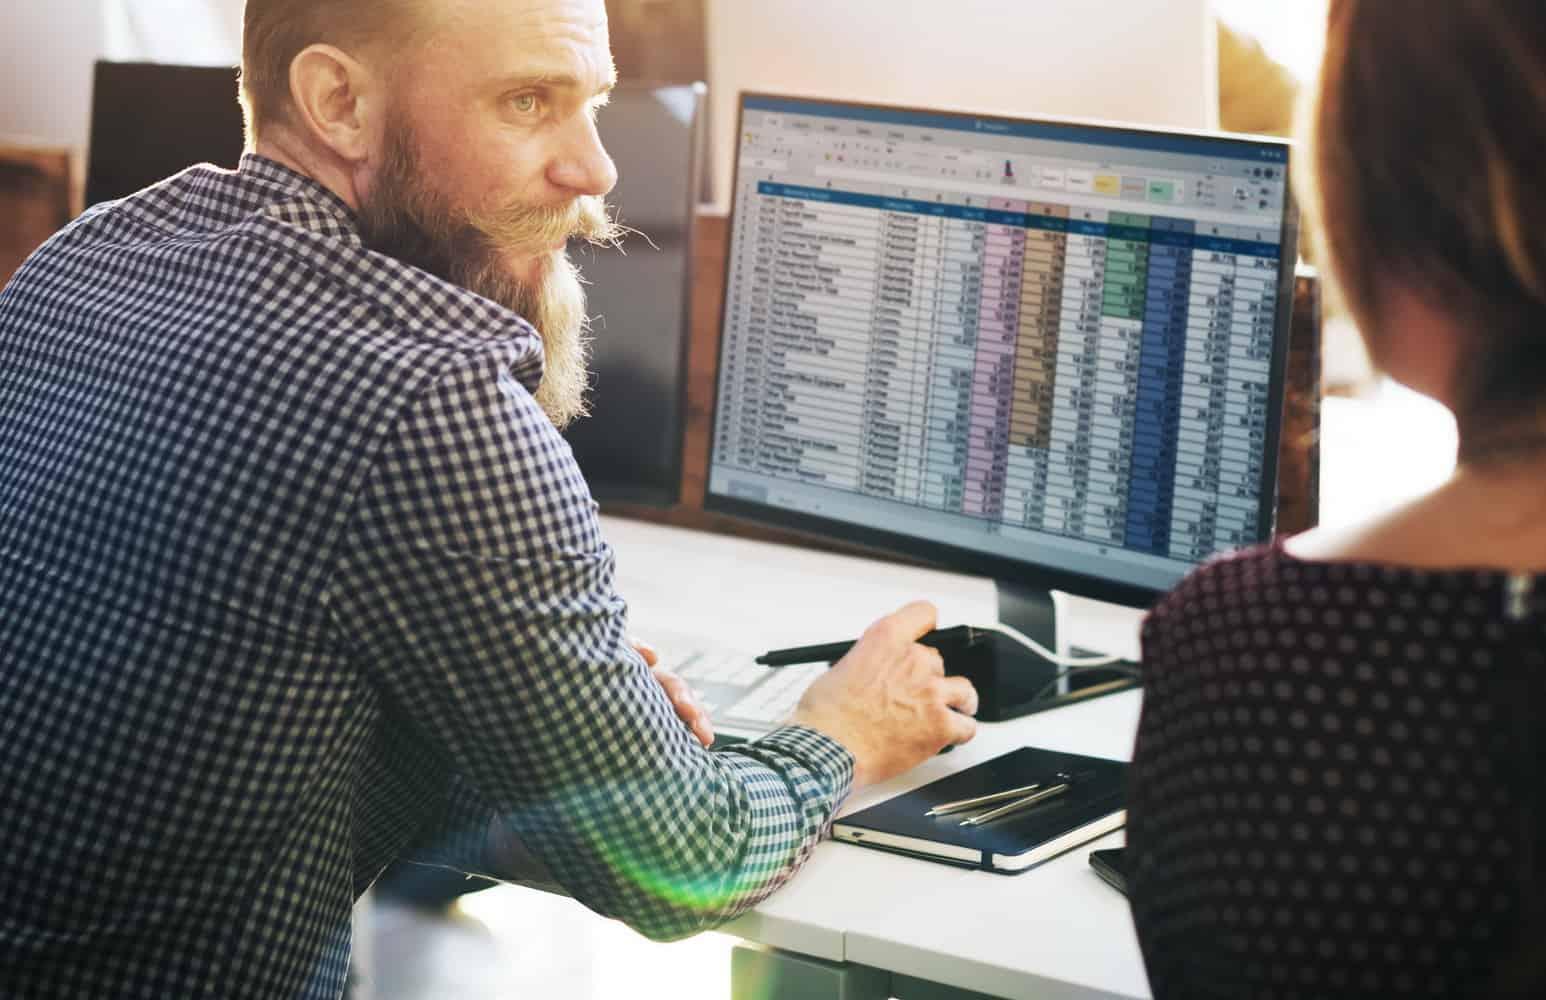 Tanfolyamunkon kedvező áron tanulhatsz piacképes szakmát. Jelentkezz Pécsen induló Pénzügyi-számviteli ügyintéző OKJ-s tanfolyamunkra!